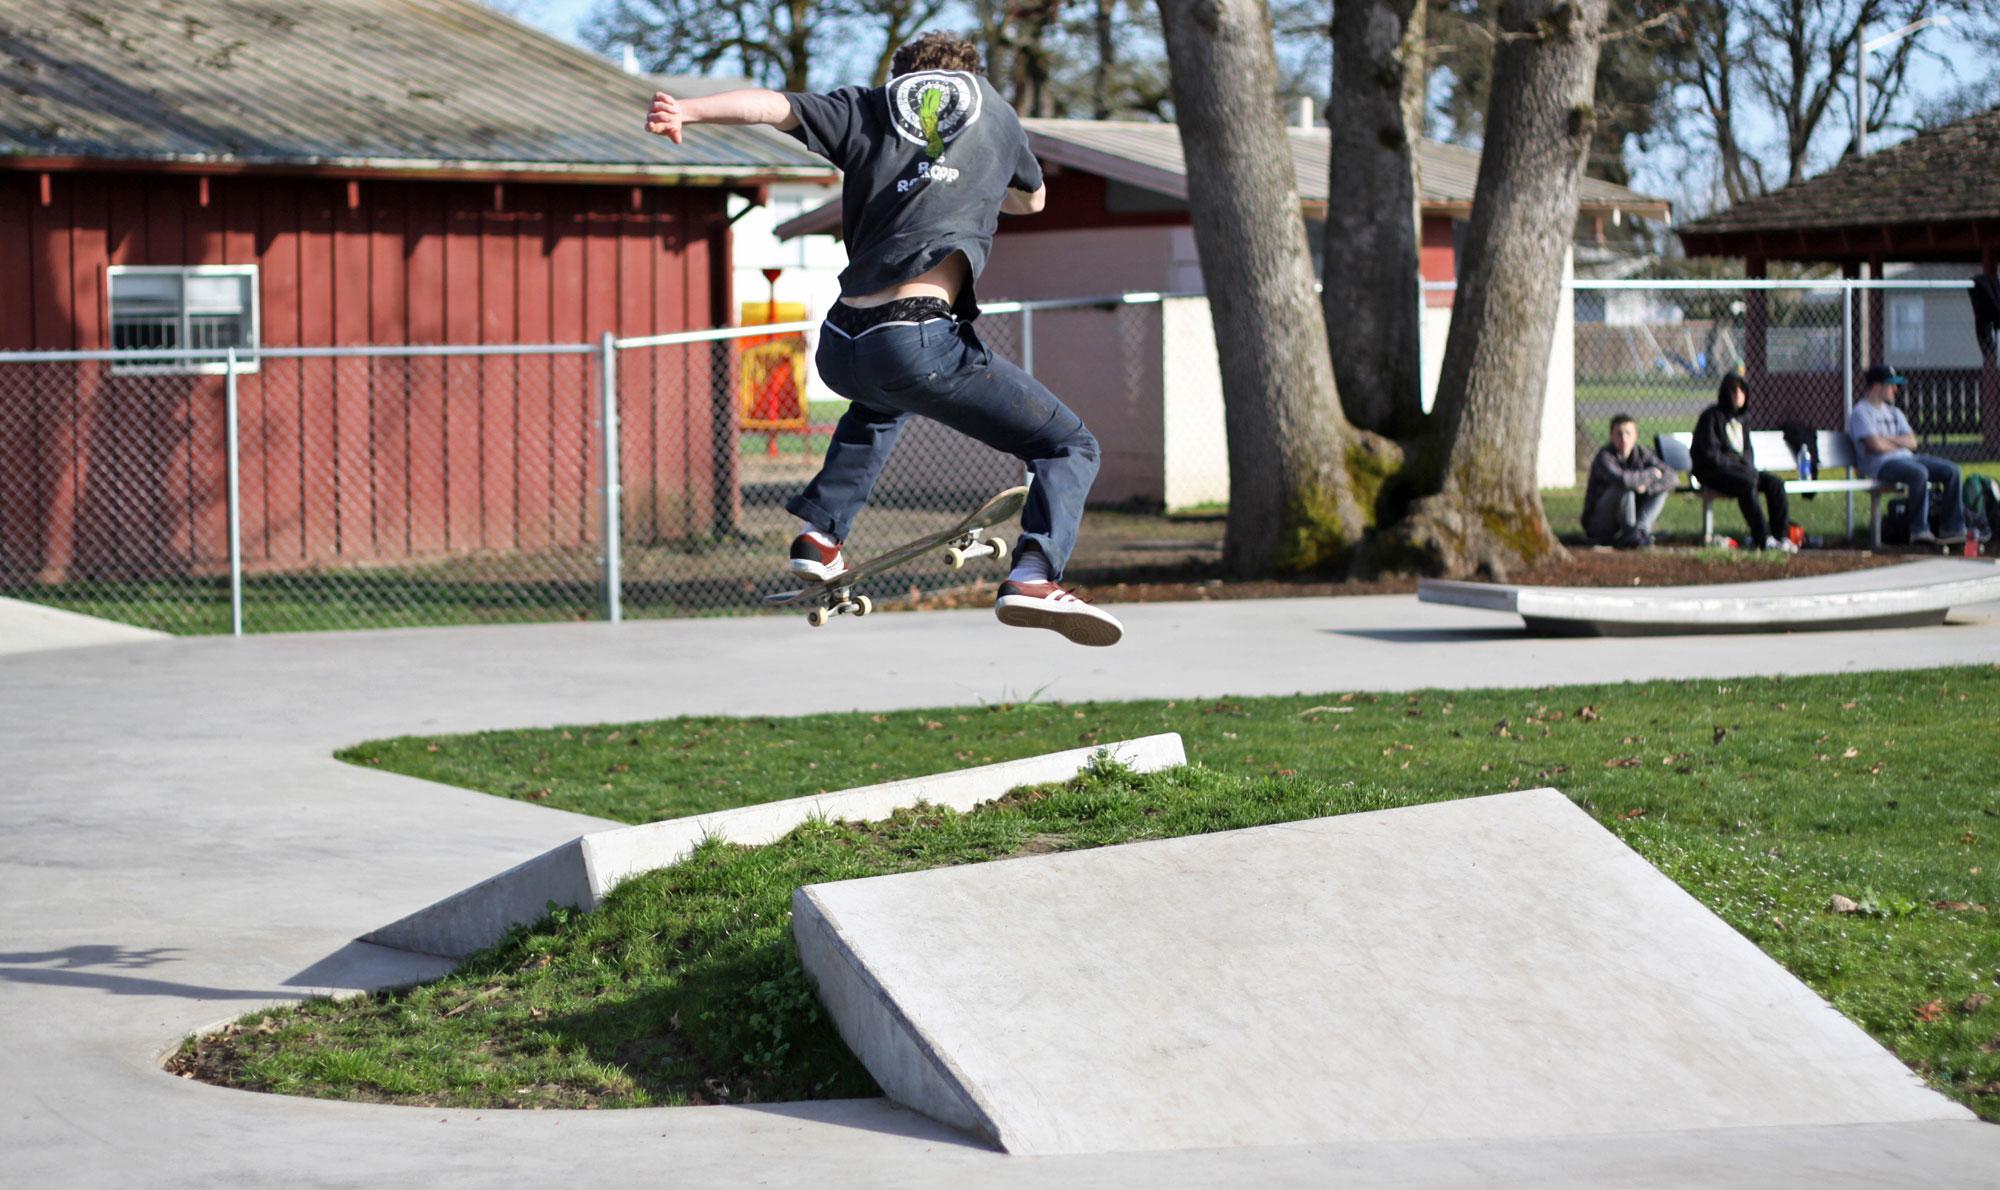 junction city skatepark, junction city, oregon